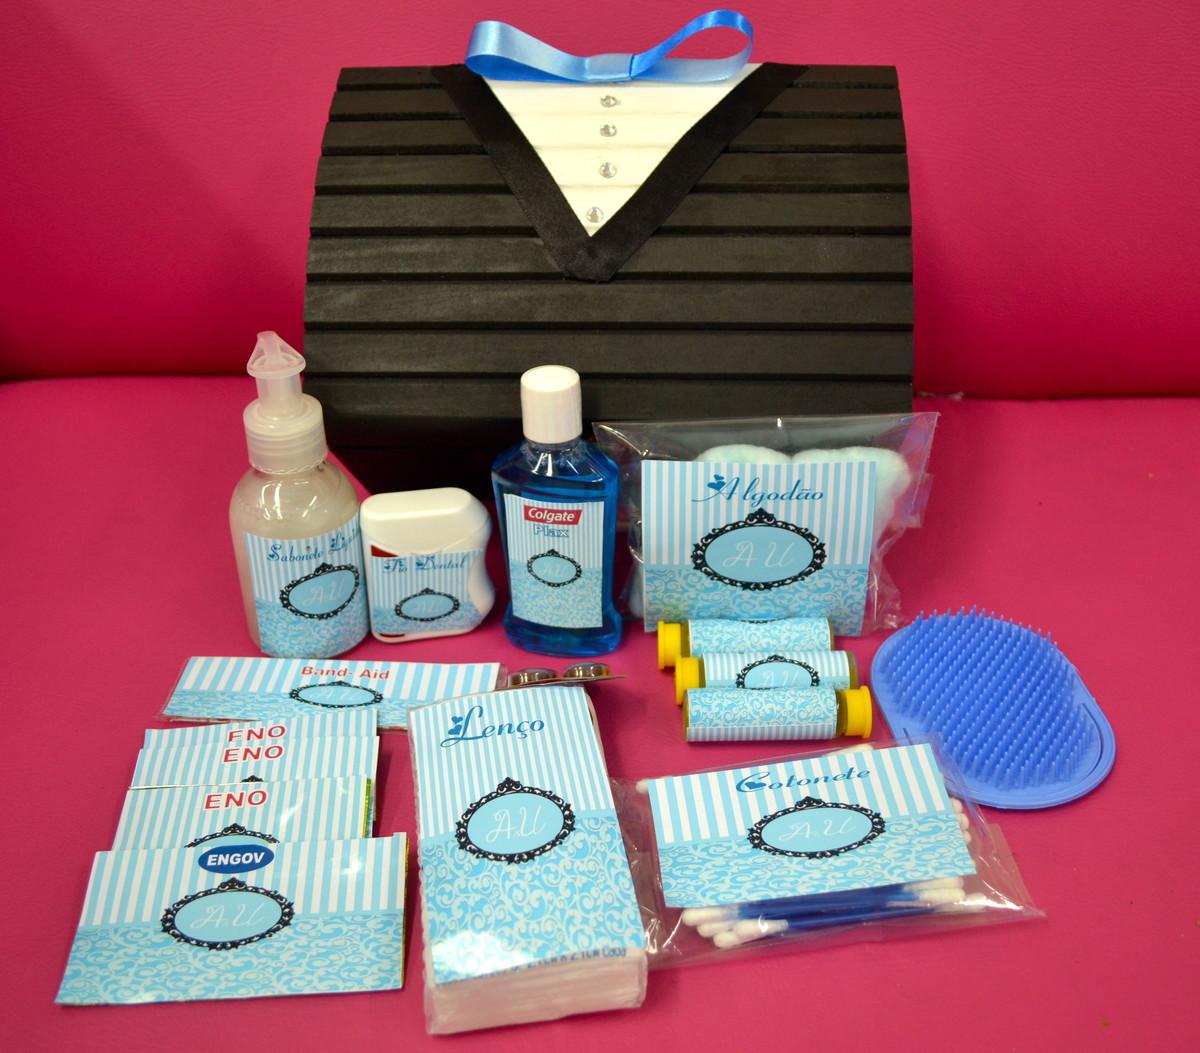 kit decoracao banheiro: decoracao lembranca presente kit banheiro feminino ou masculino kit